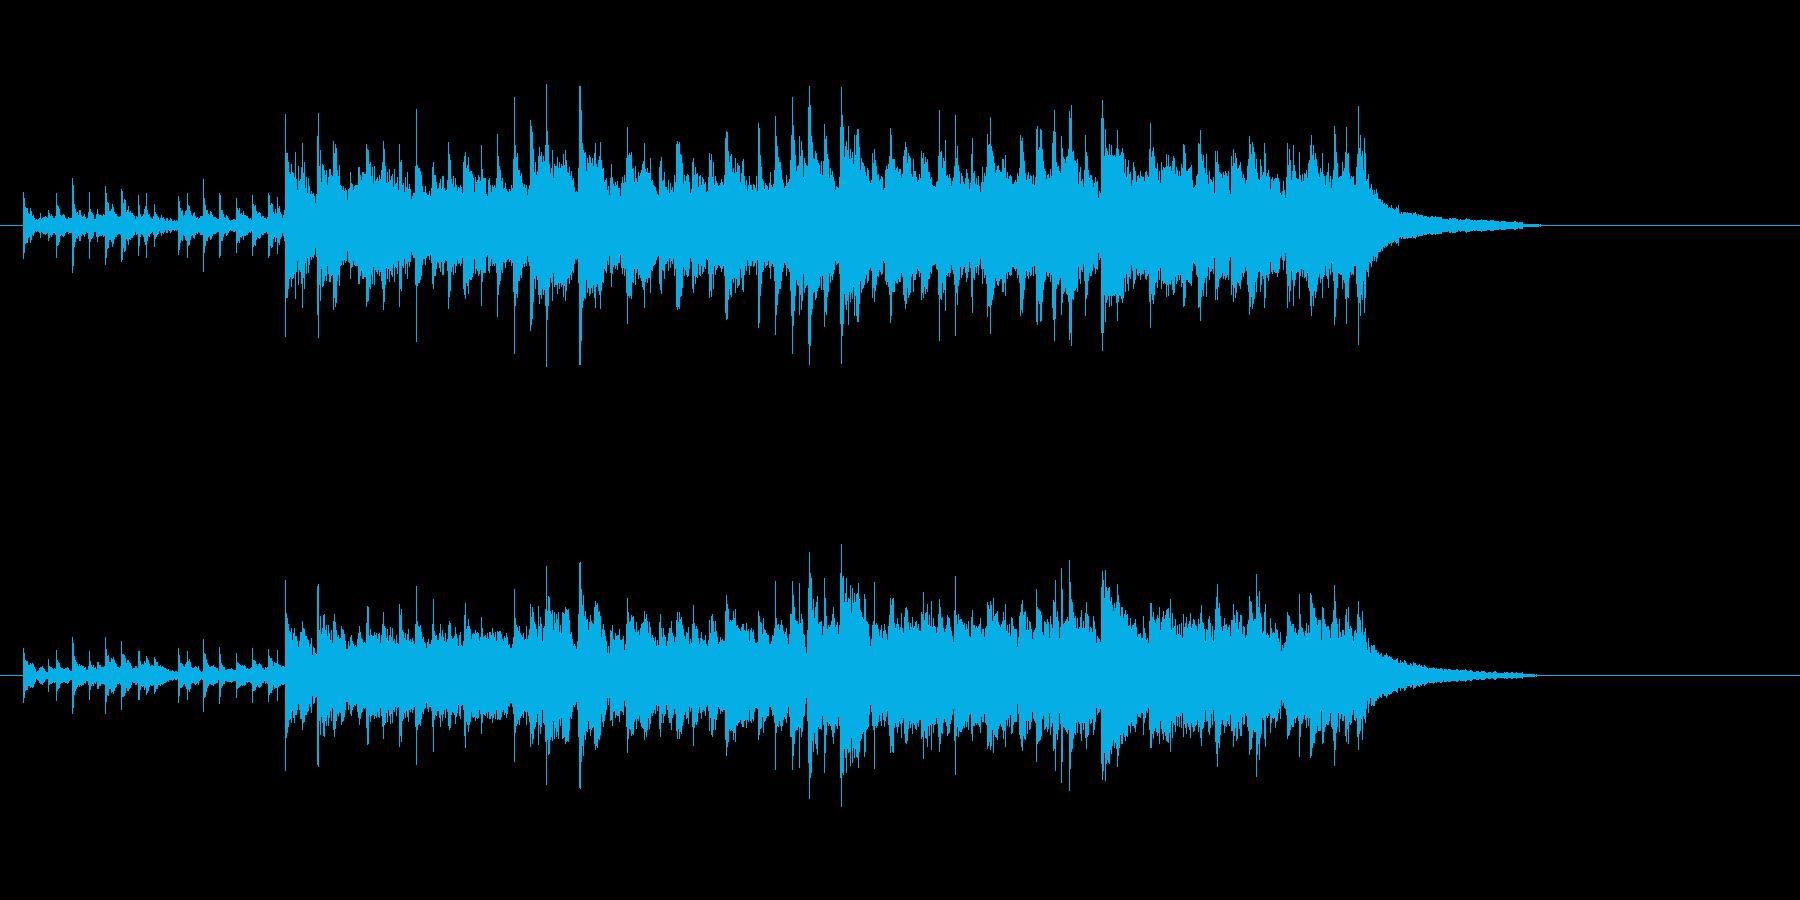 民族音楽風(バグ・パイプ調)の再生済みの波形